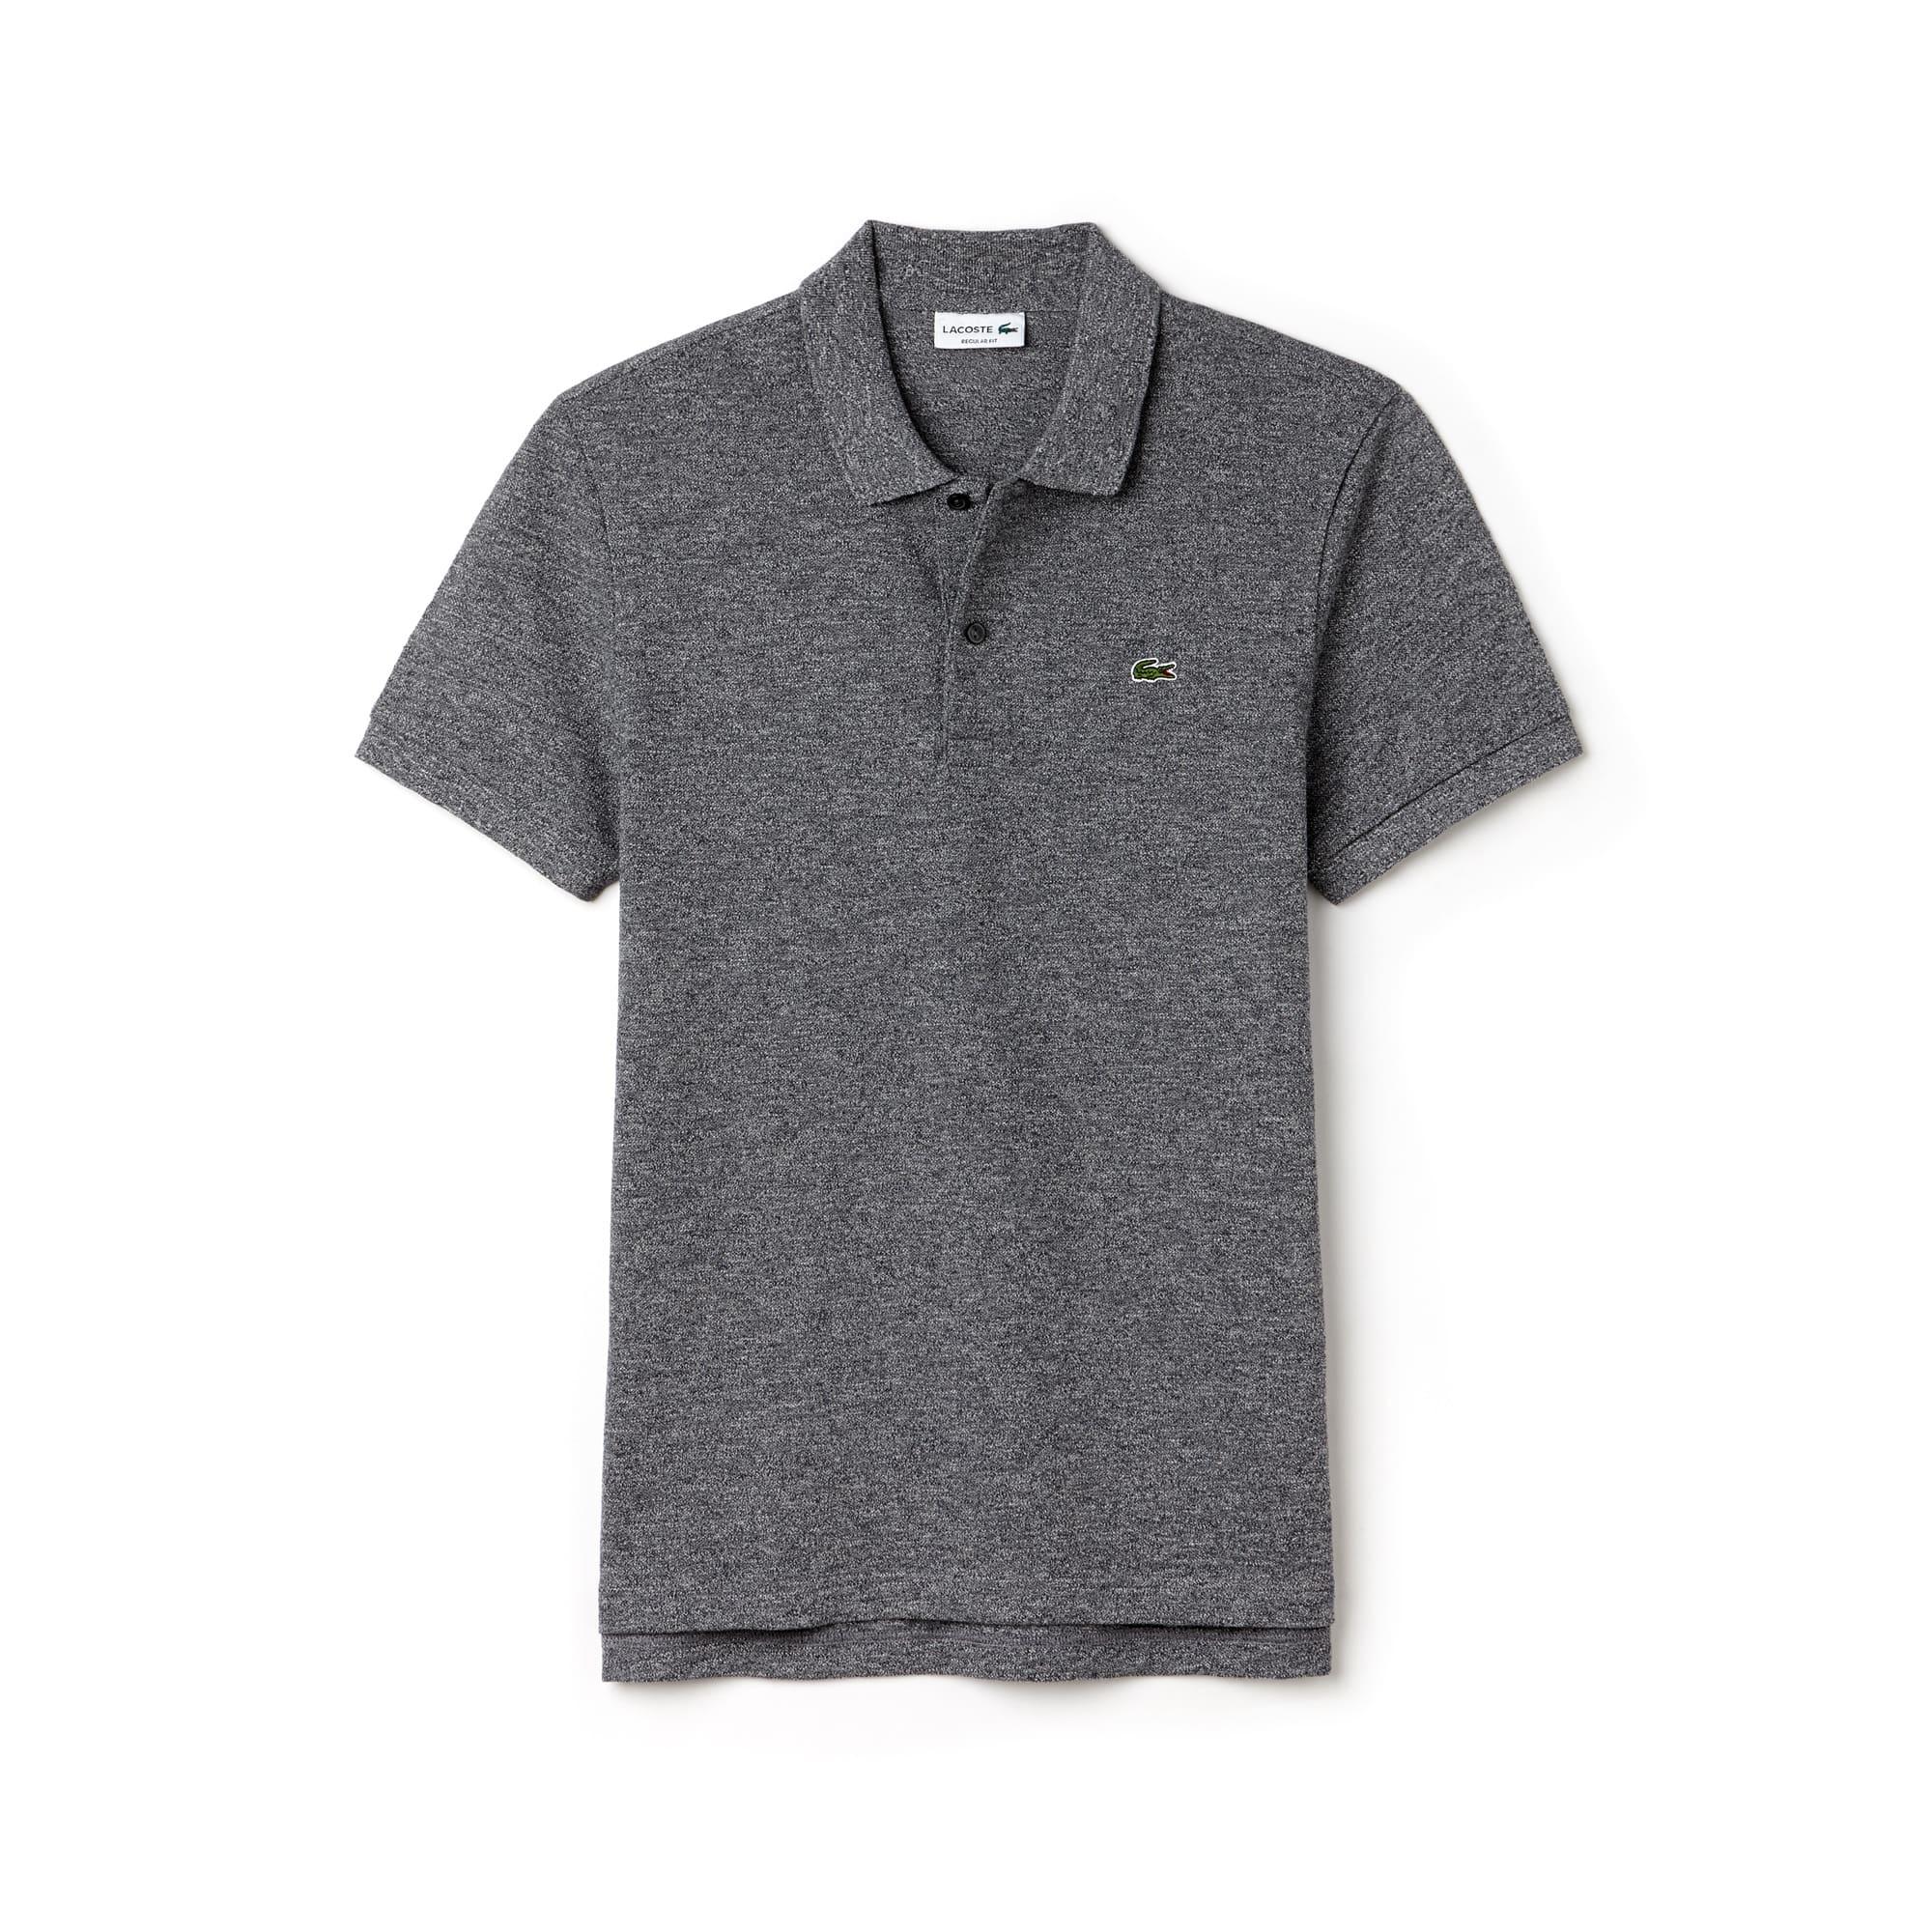 Men's Lacoste Regular Fit Flamme Cotton Piqué Polo